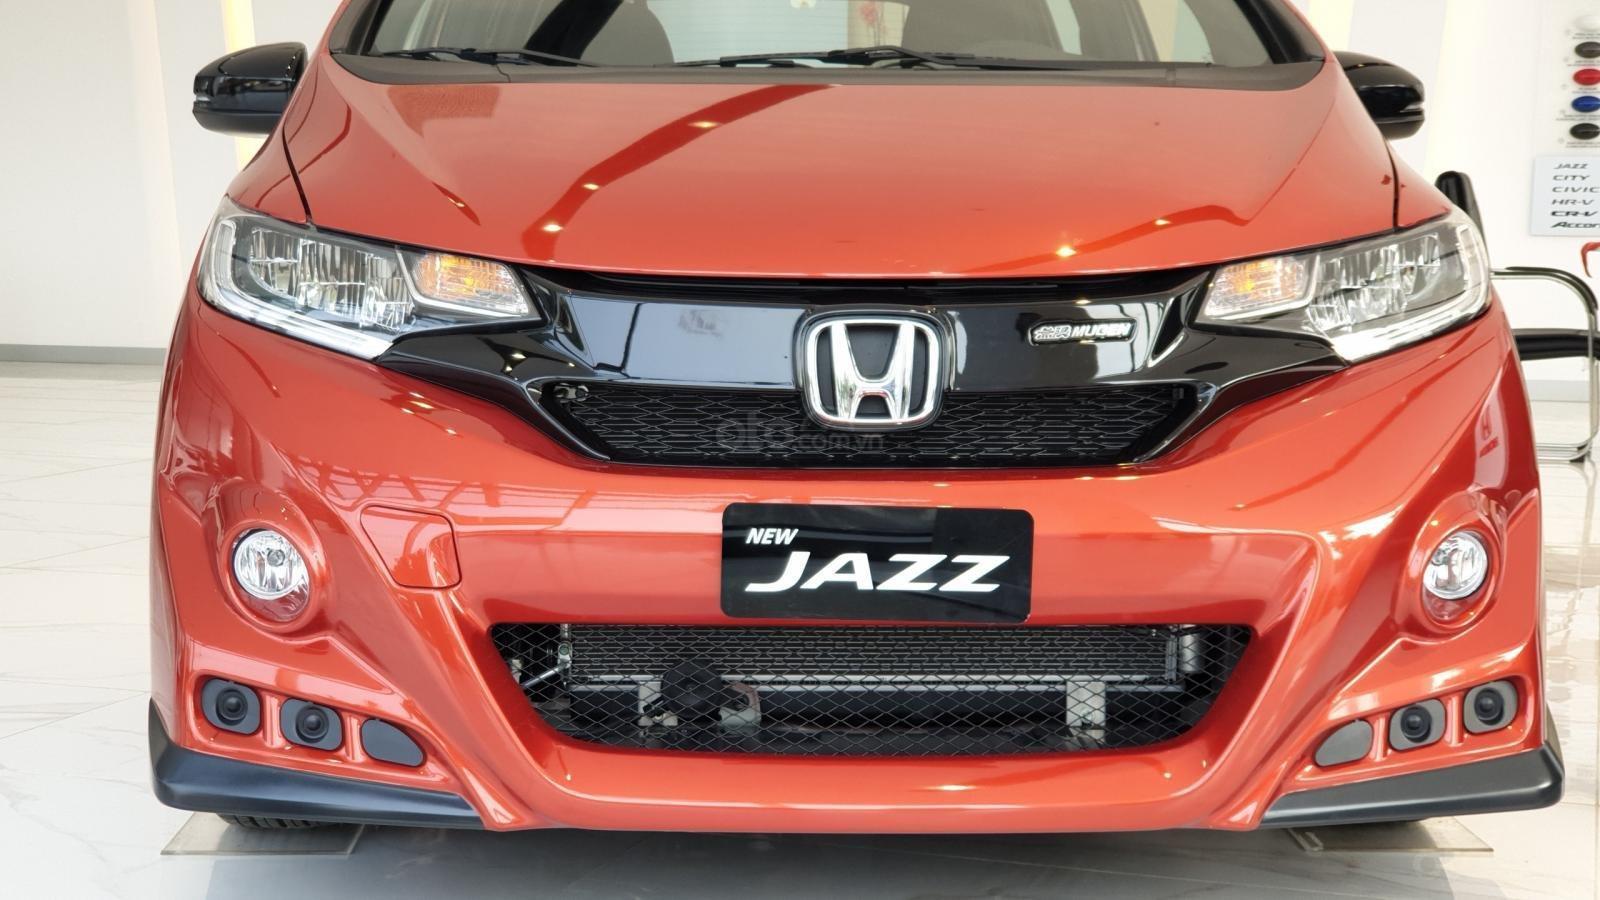 Bán Honda Jazz RS Mugen, khuyến mãi hết Ga + thay nhớt miễn phí 1 năm, dán kính toàn xe hoặc 40tr-1